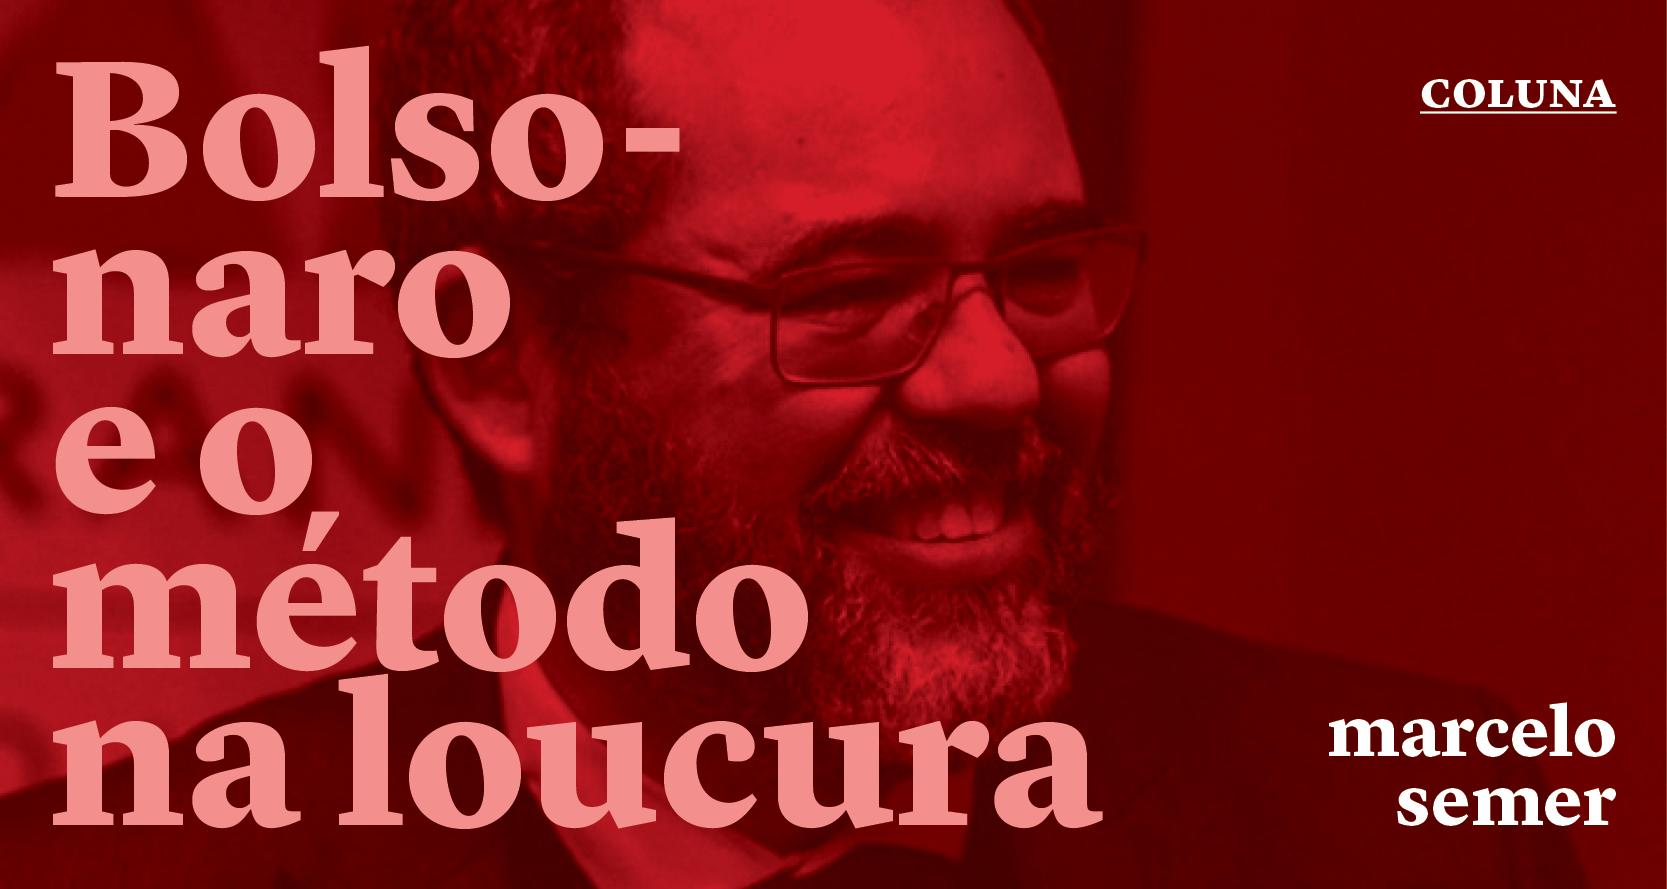 Bolsonaro e o método na loucura